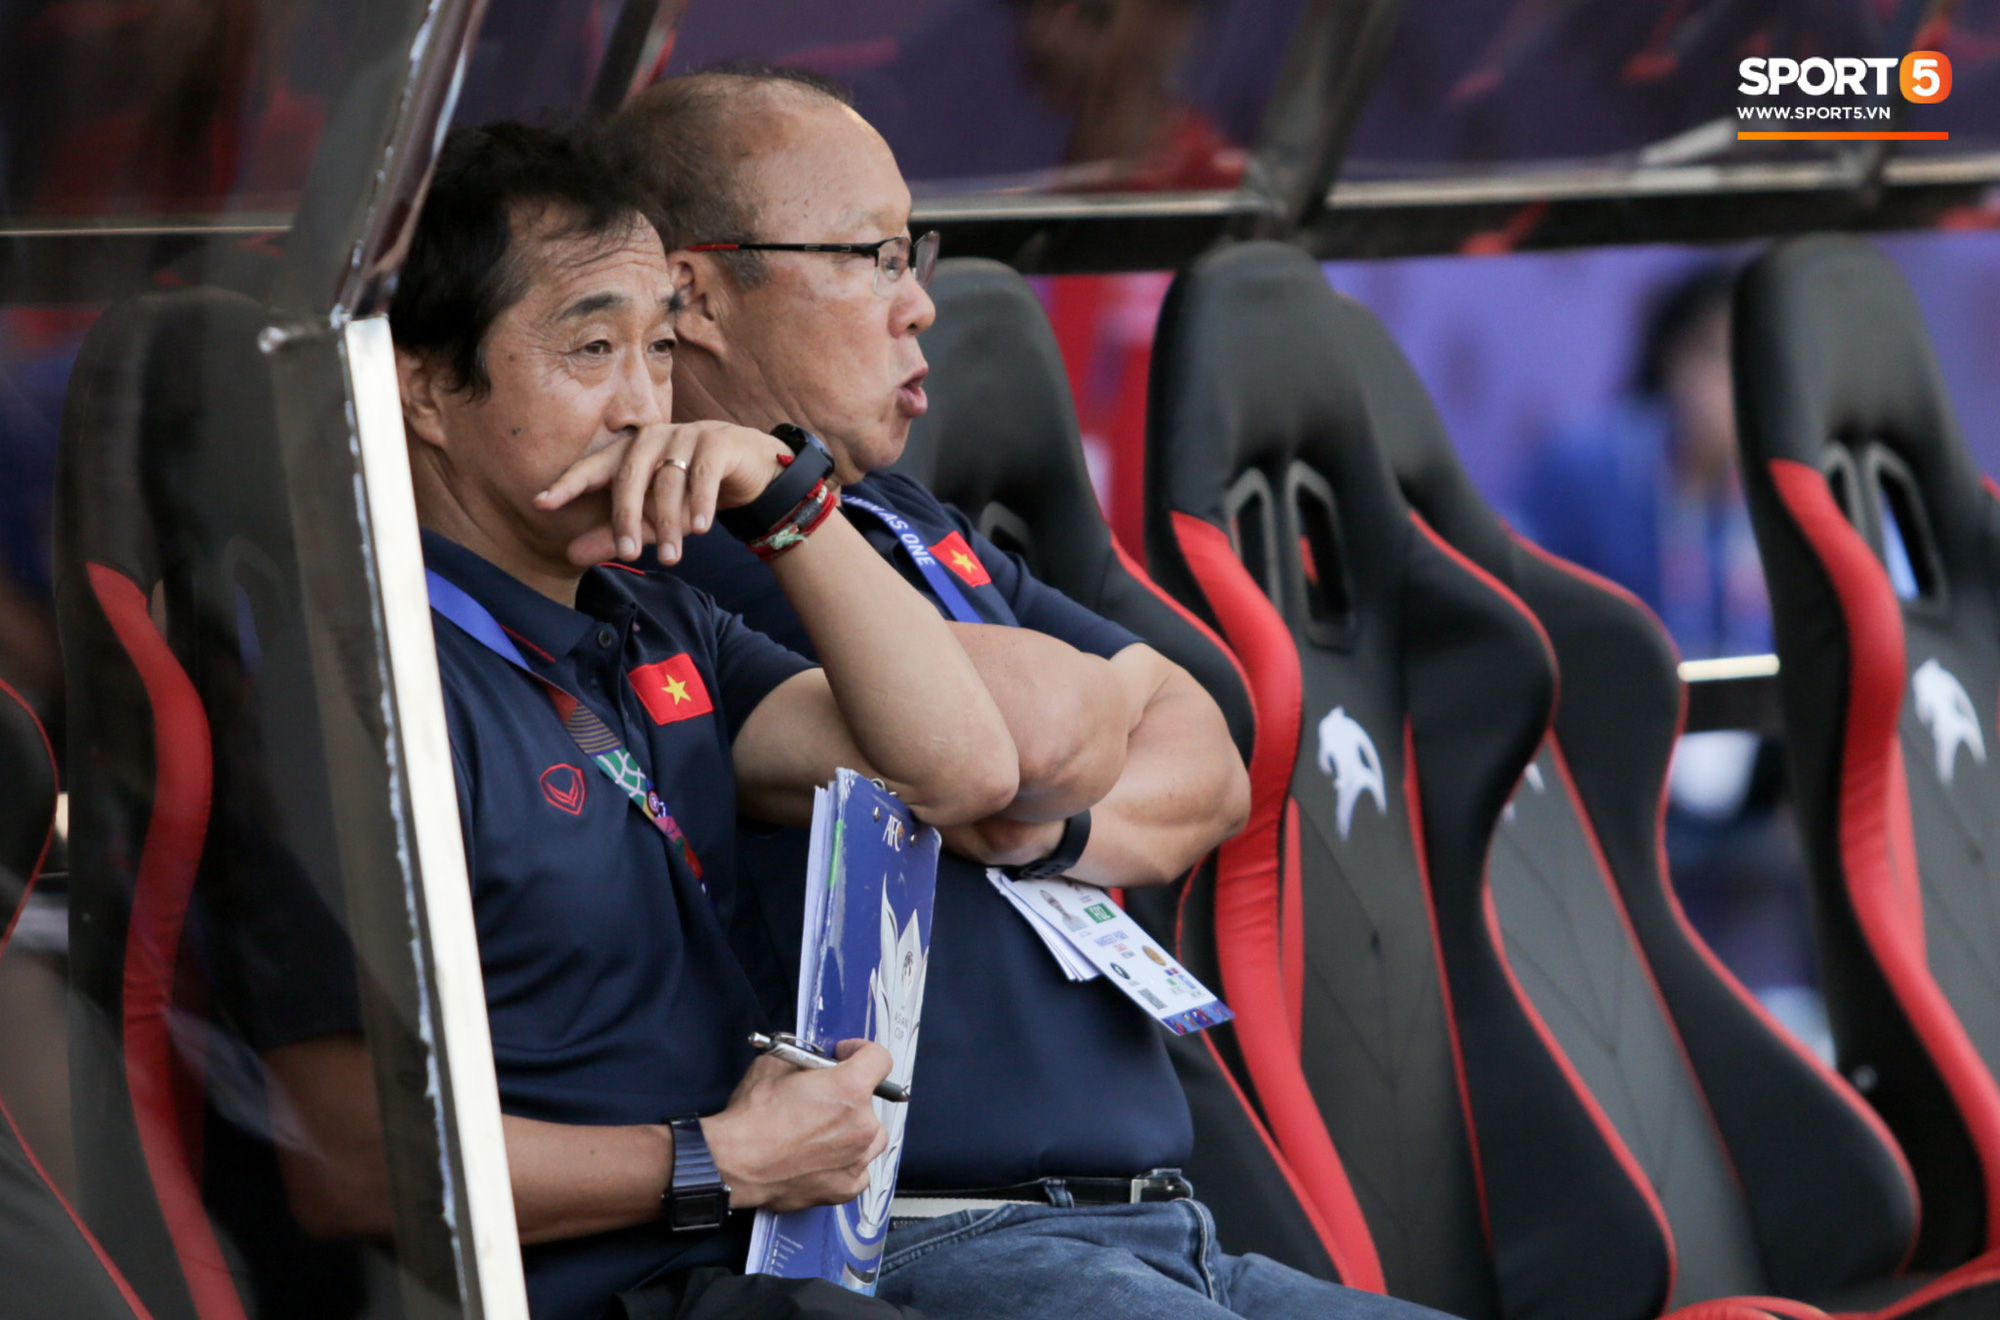 HLV U22 Thái Lan chủ động sang bắt tay thầy Park, hẹn phân thắng bại ở trận tiếp theo sau 3 lần toàn hoà - Ảnh 5.